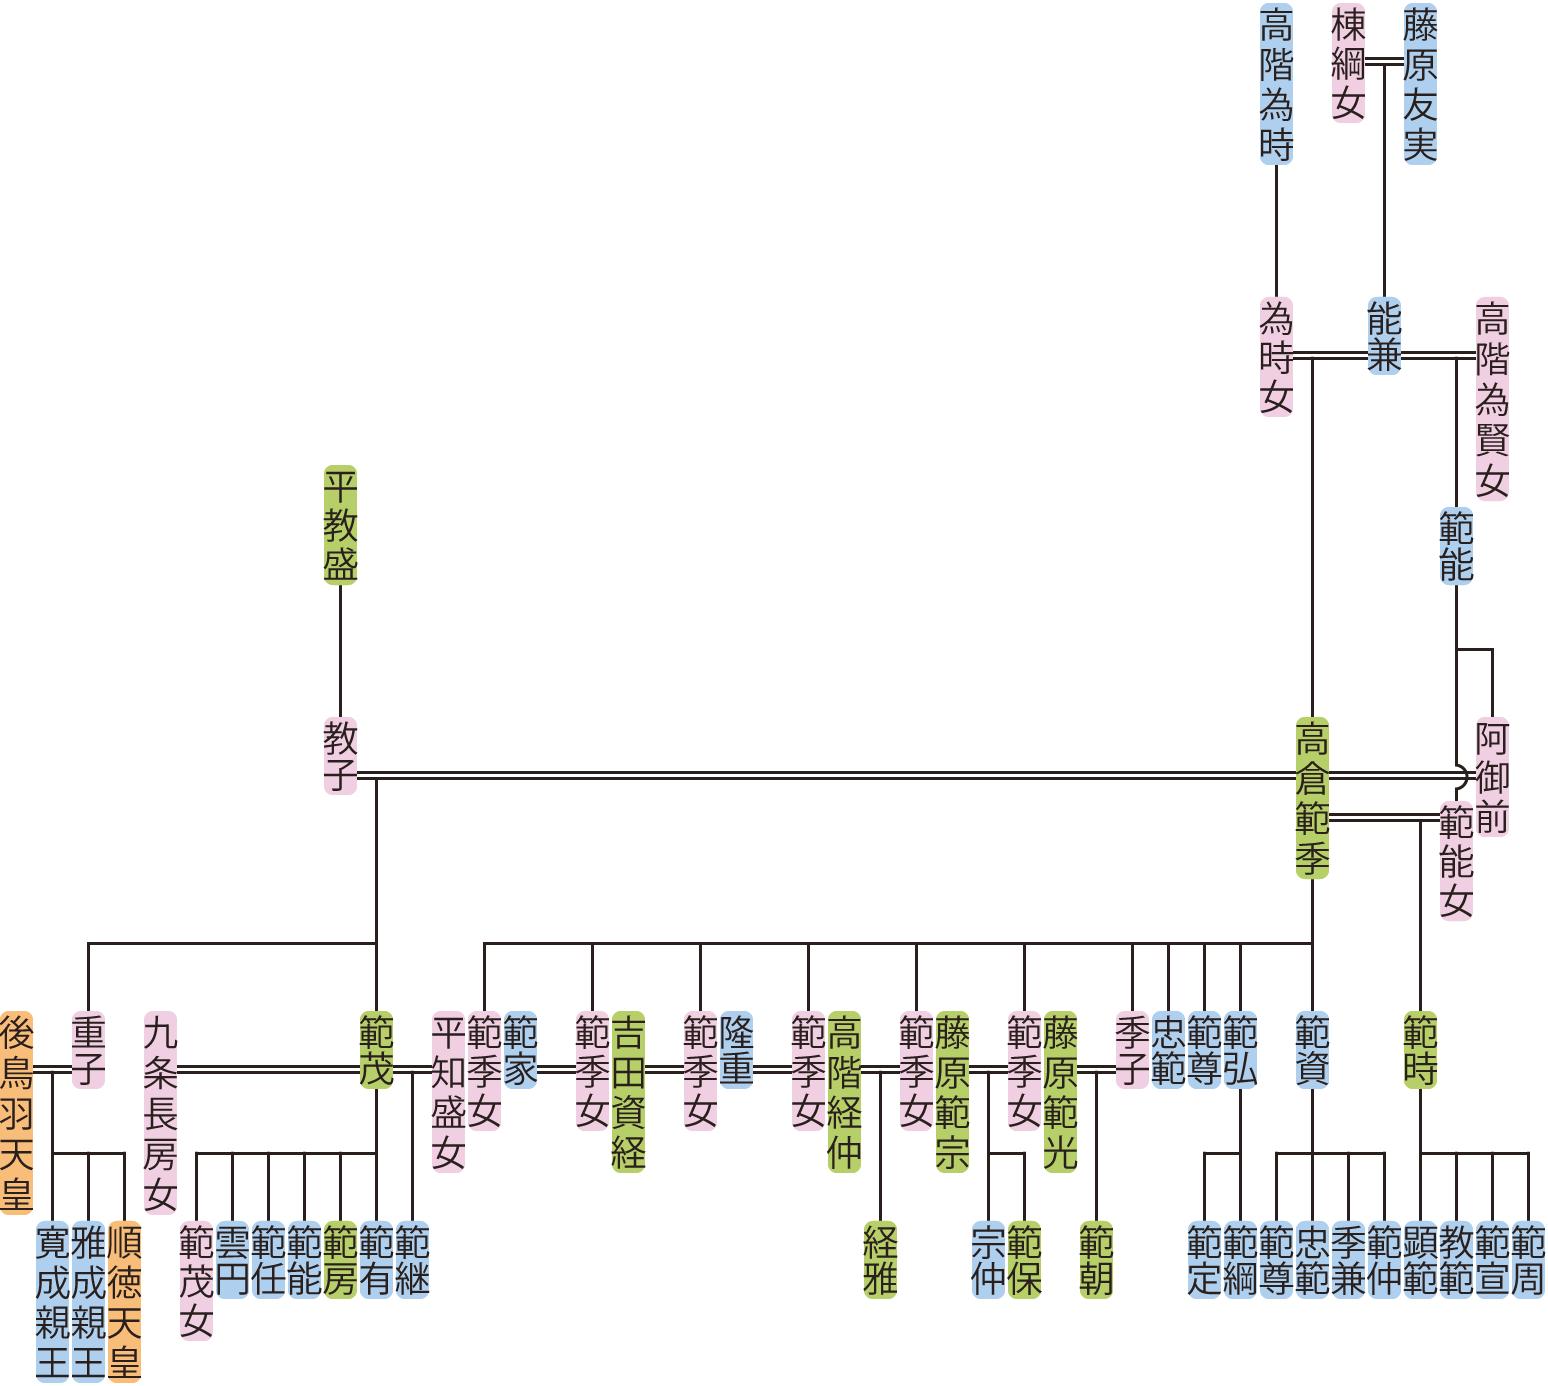 高倉範季の系図